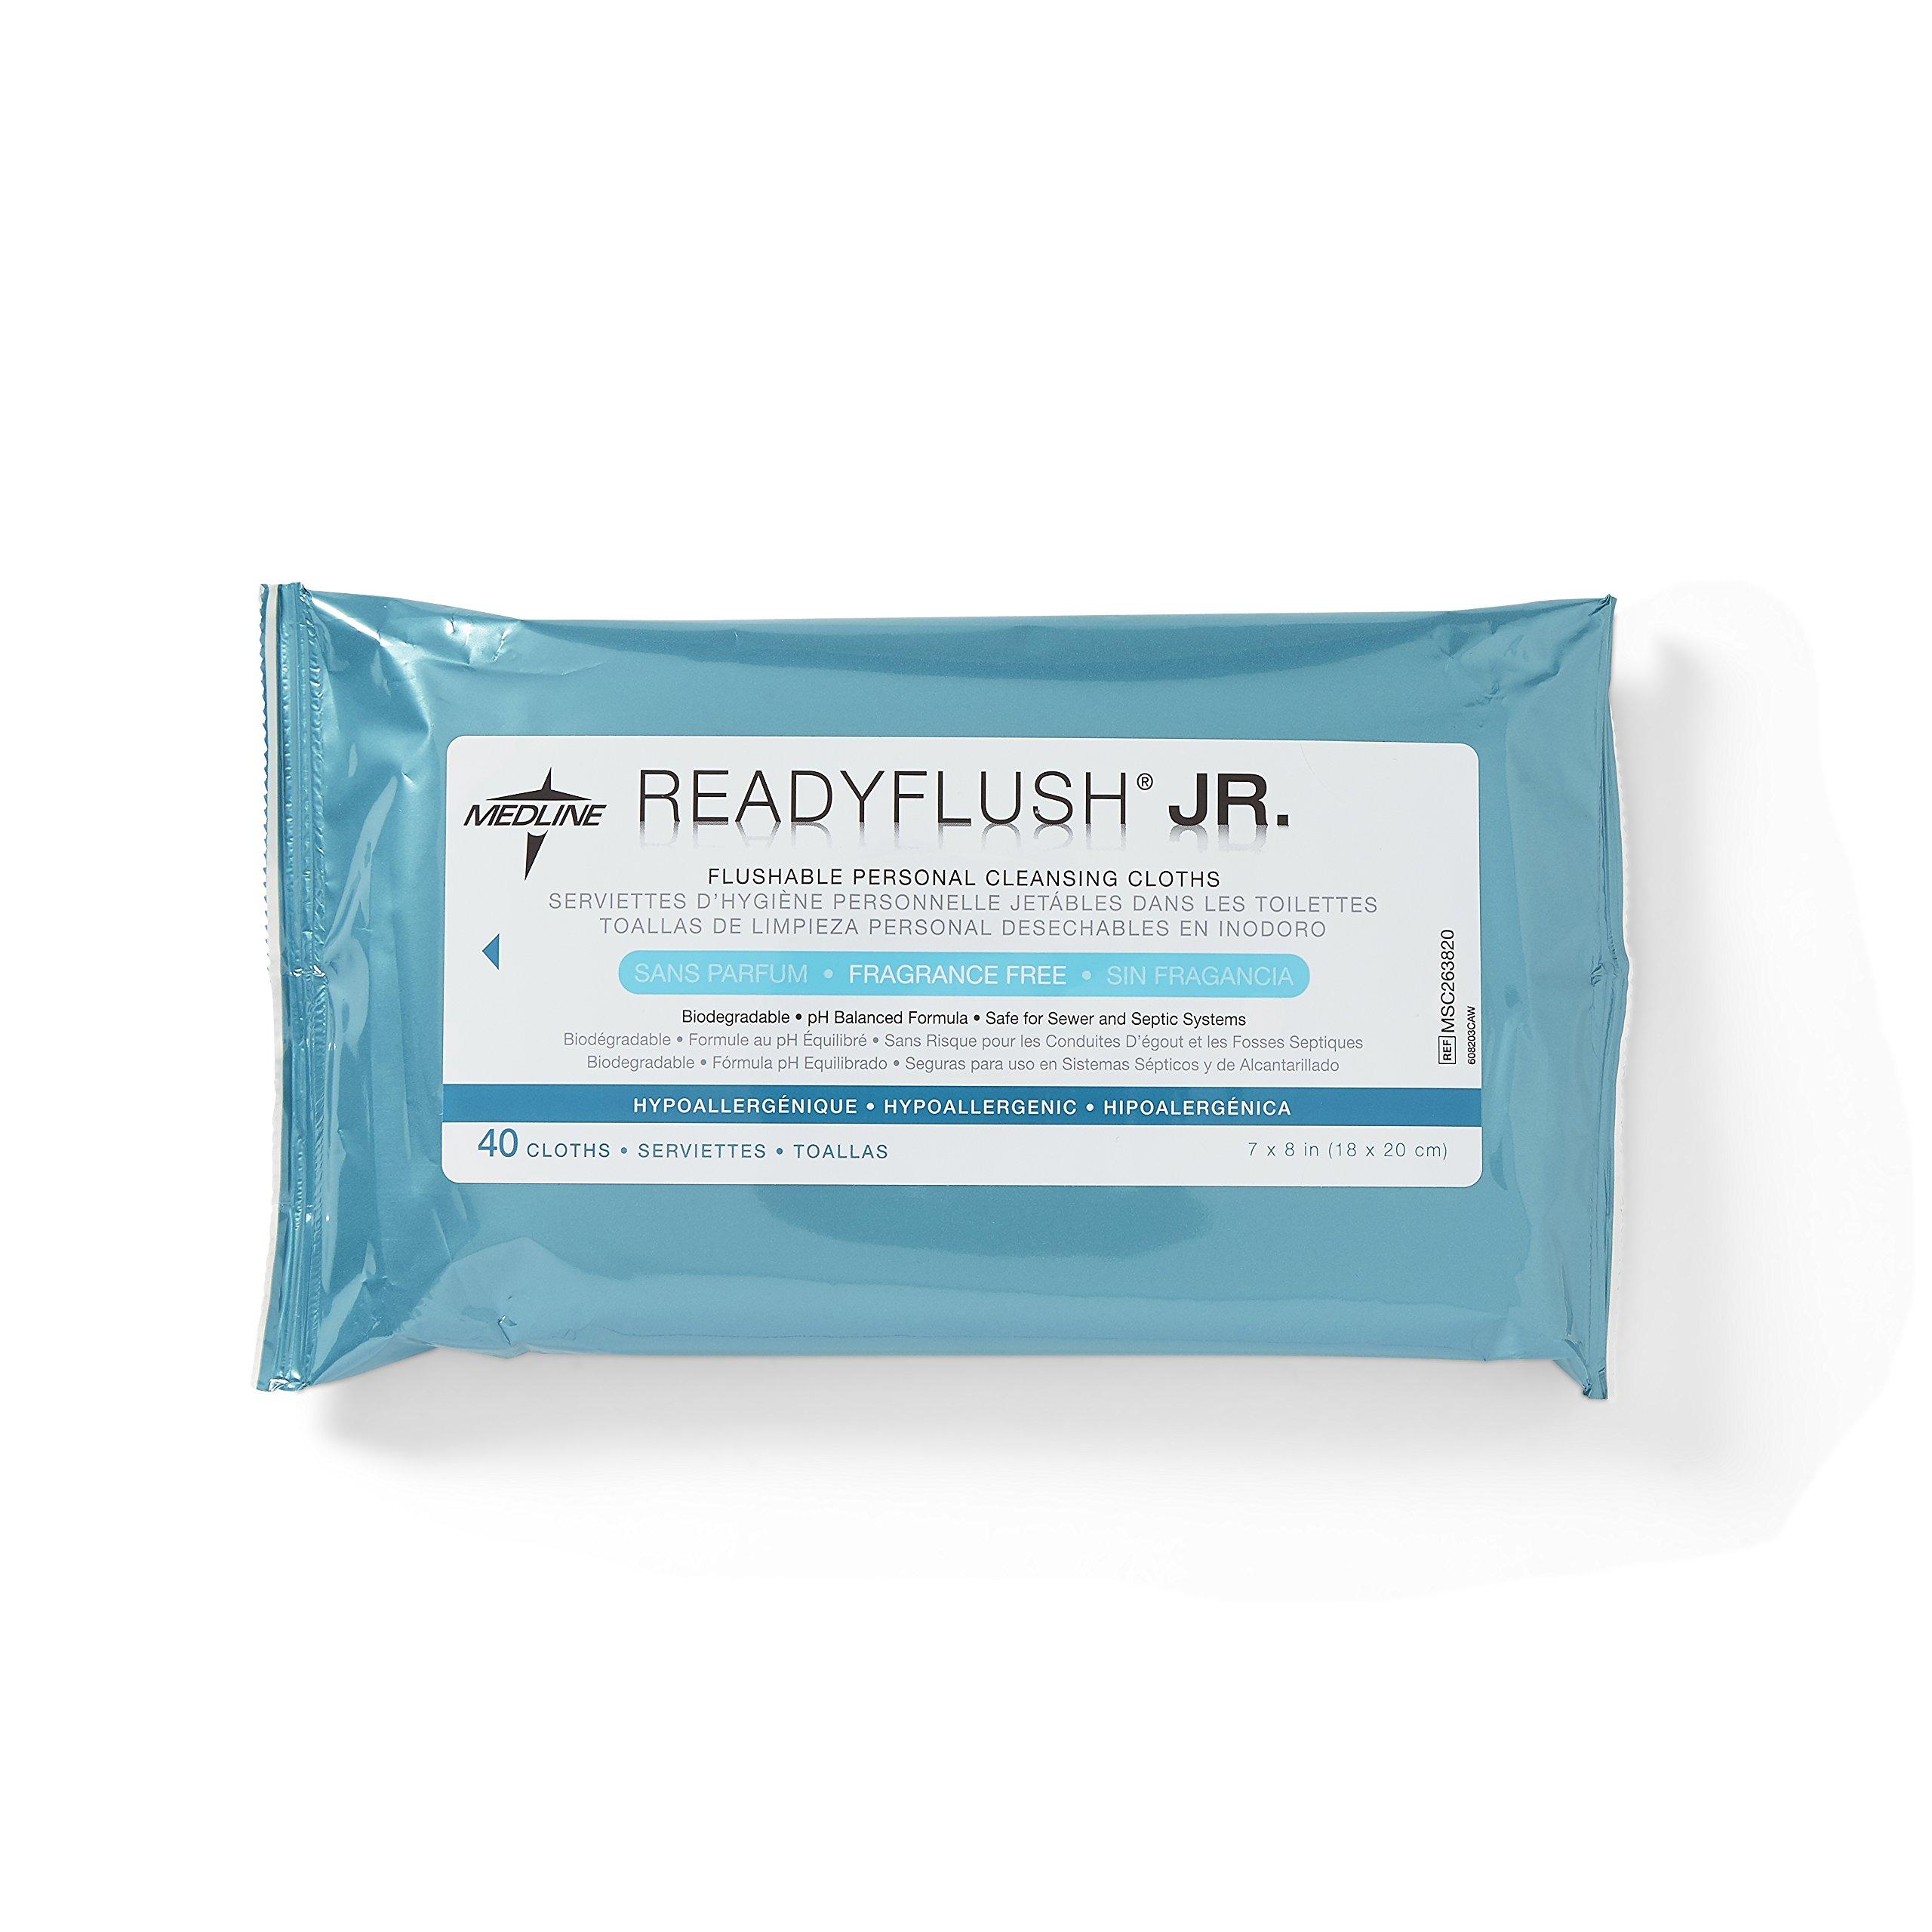 Medline MSC263820 ReadyFlush Jr. Flushable Wipes (Pack of 960)